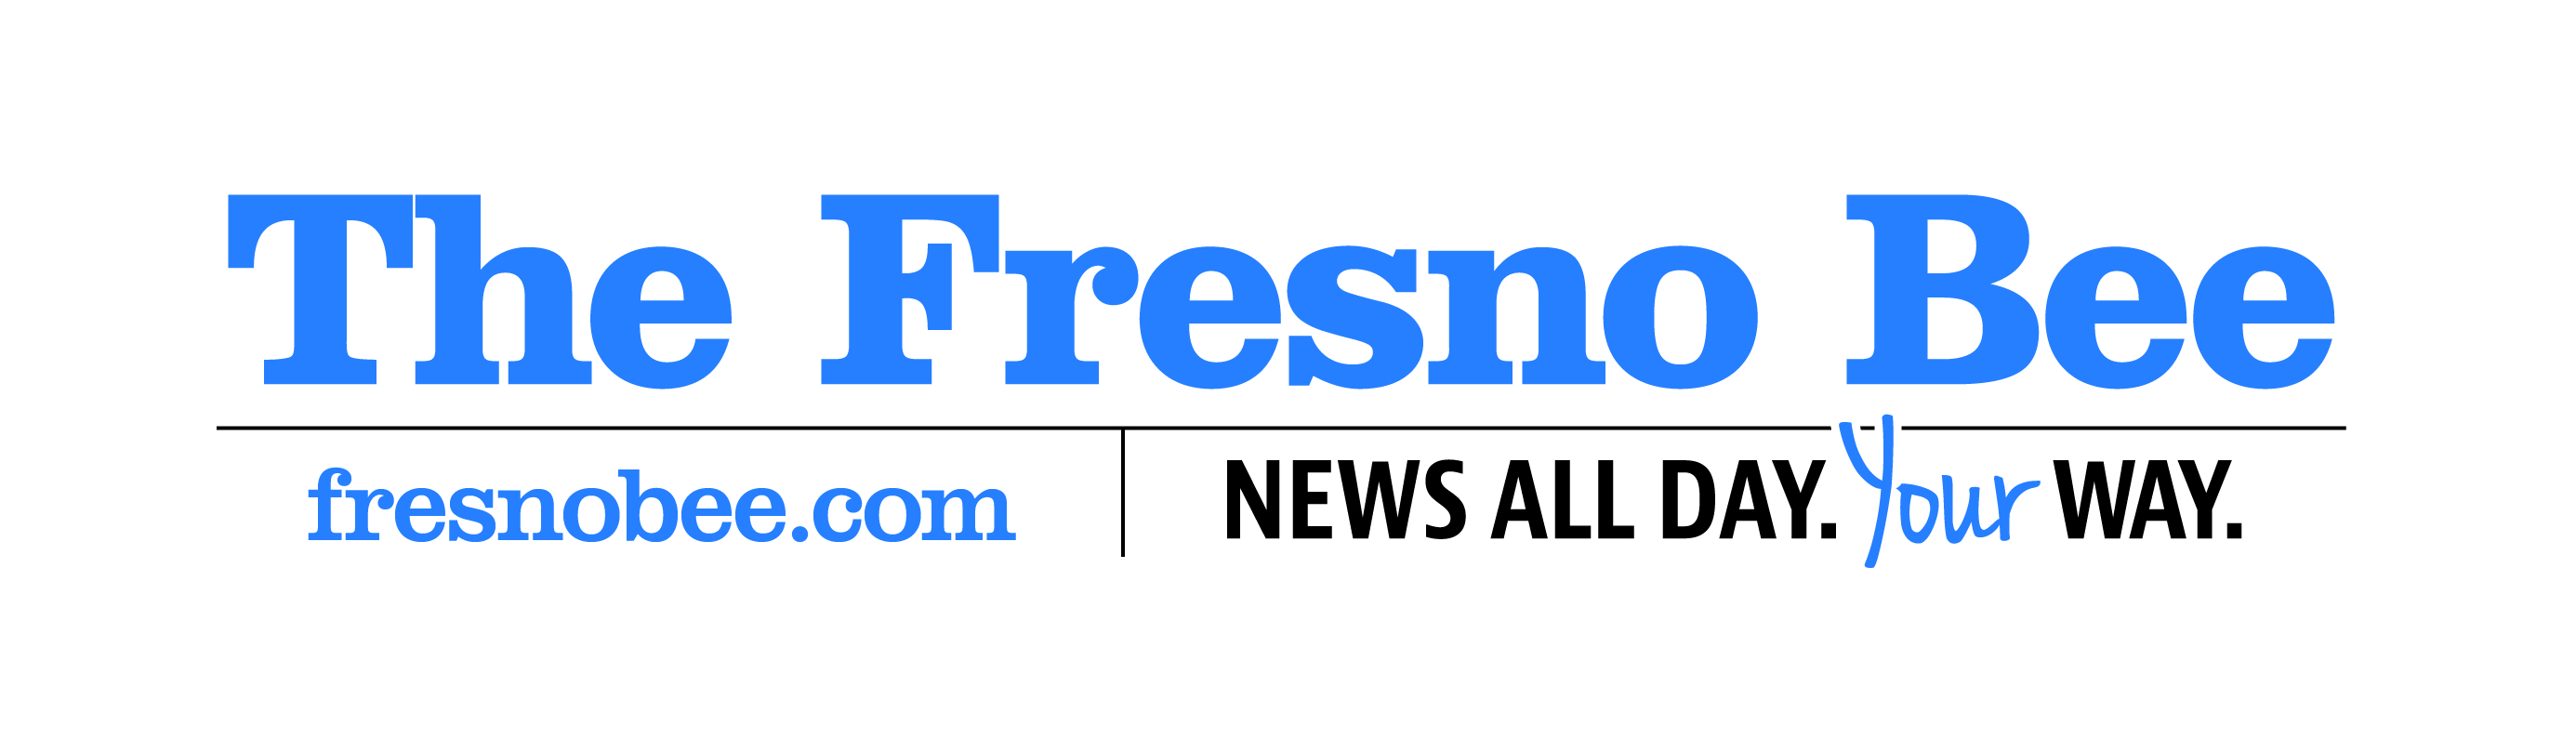 The Fresno Bee